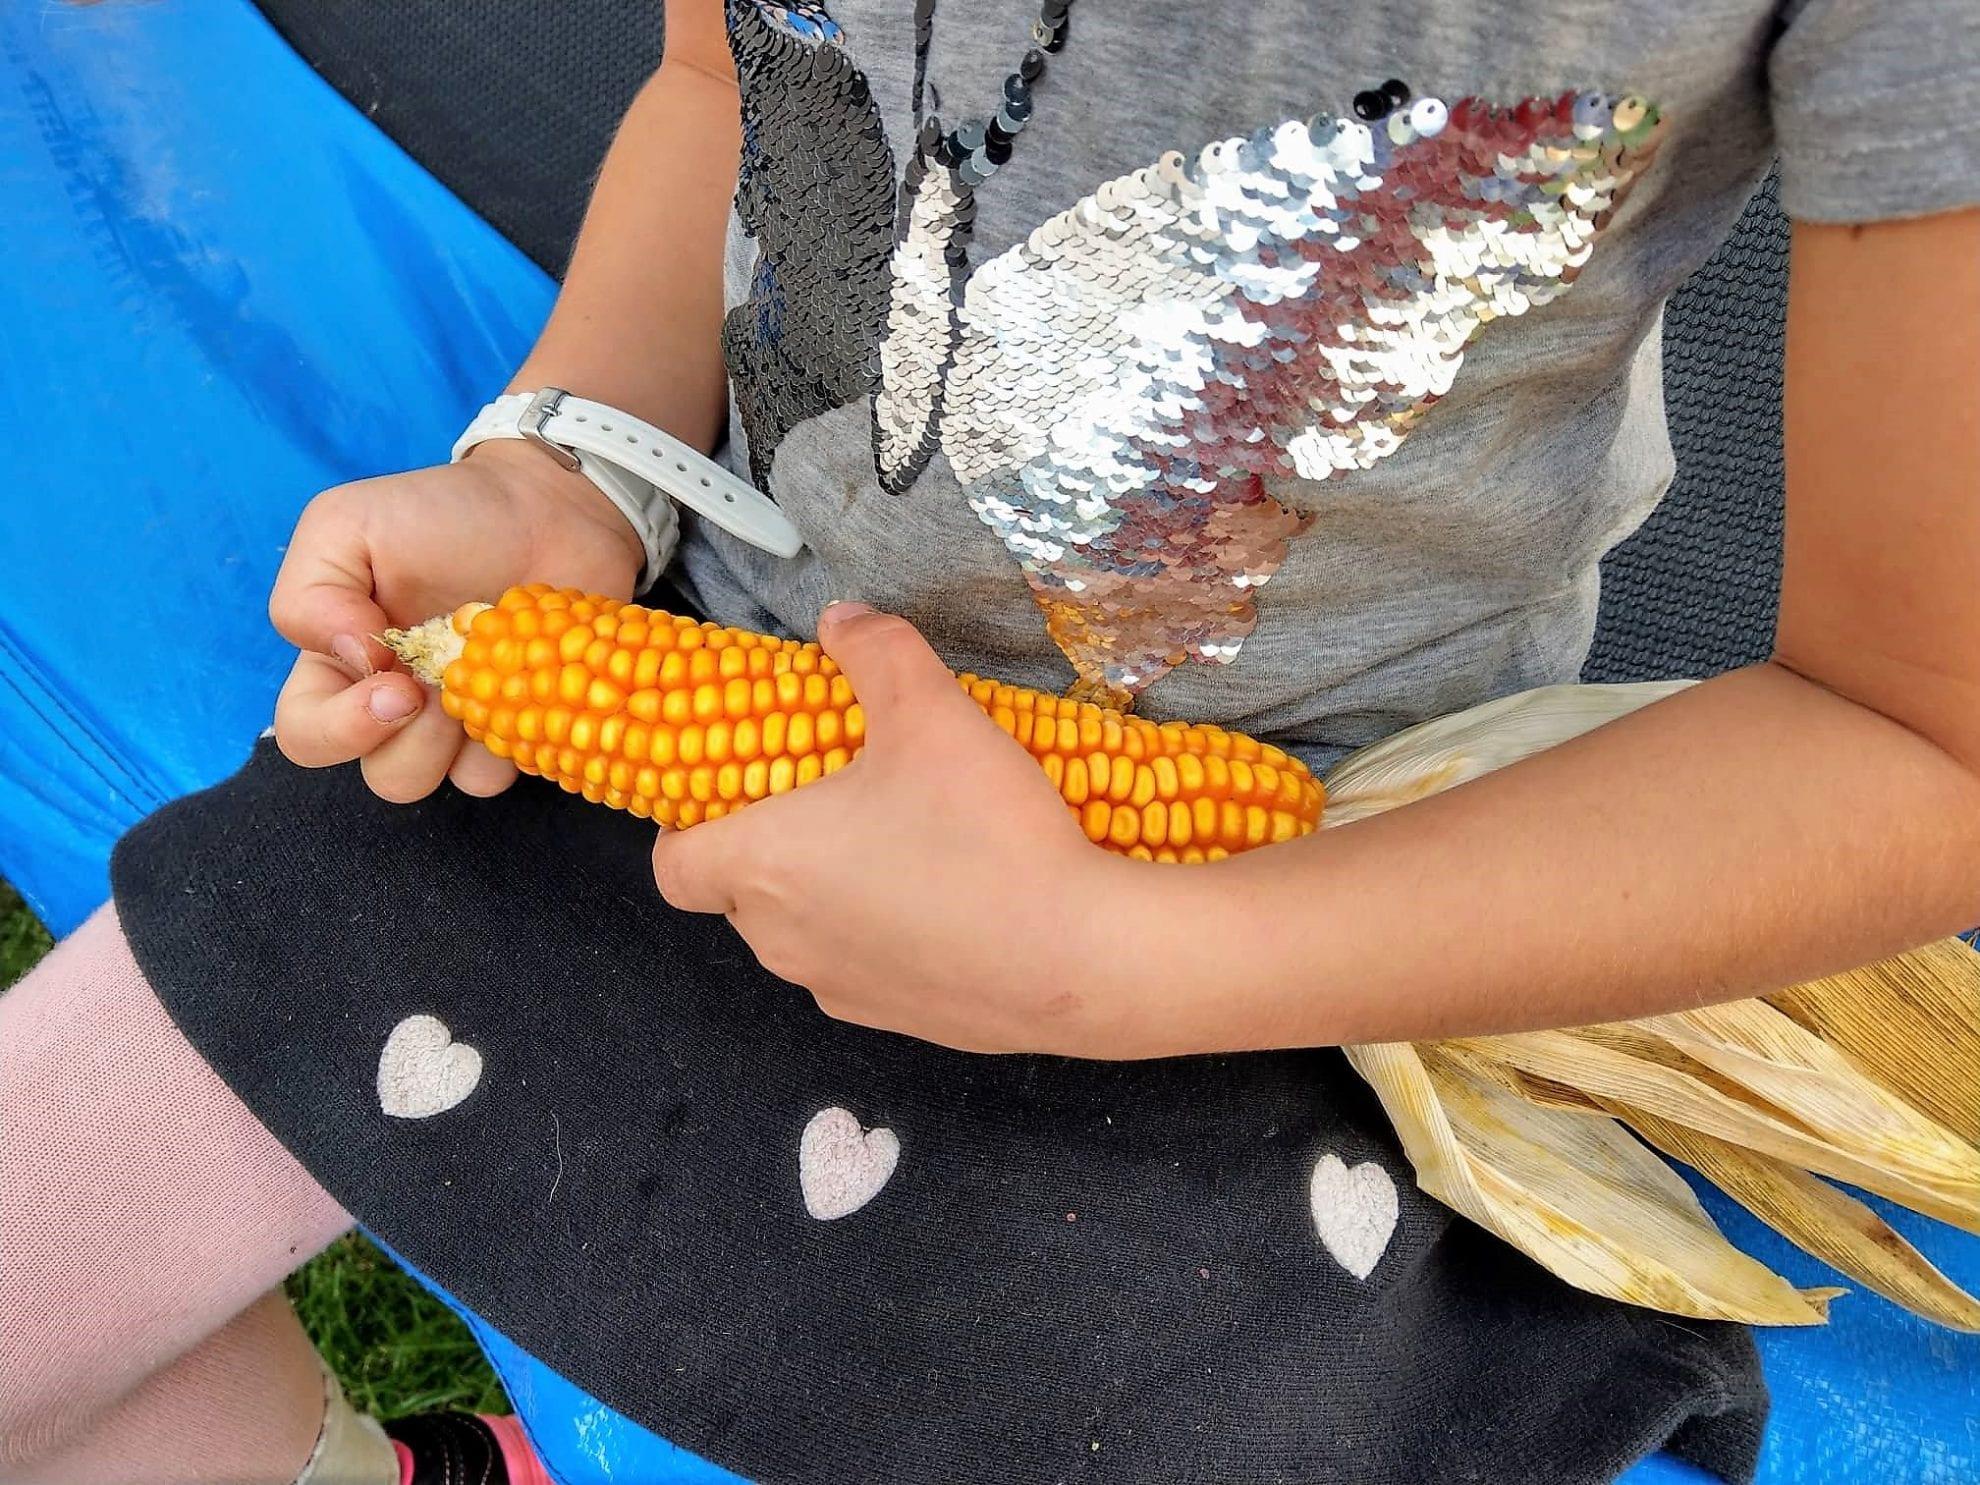 Der frische Maiskolben wird von den Kindern inspiziert.